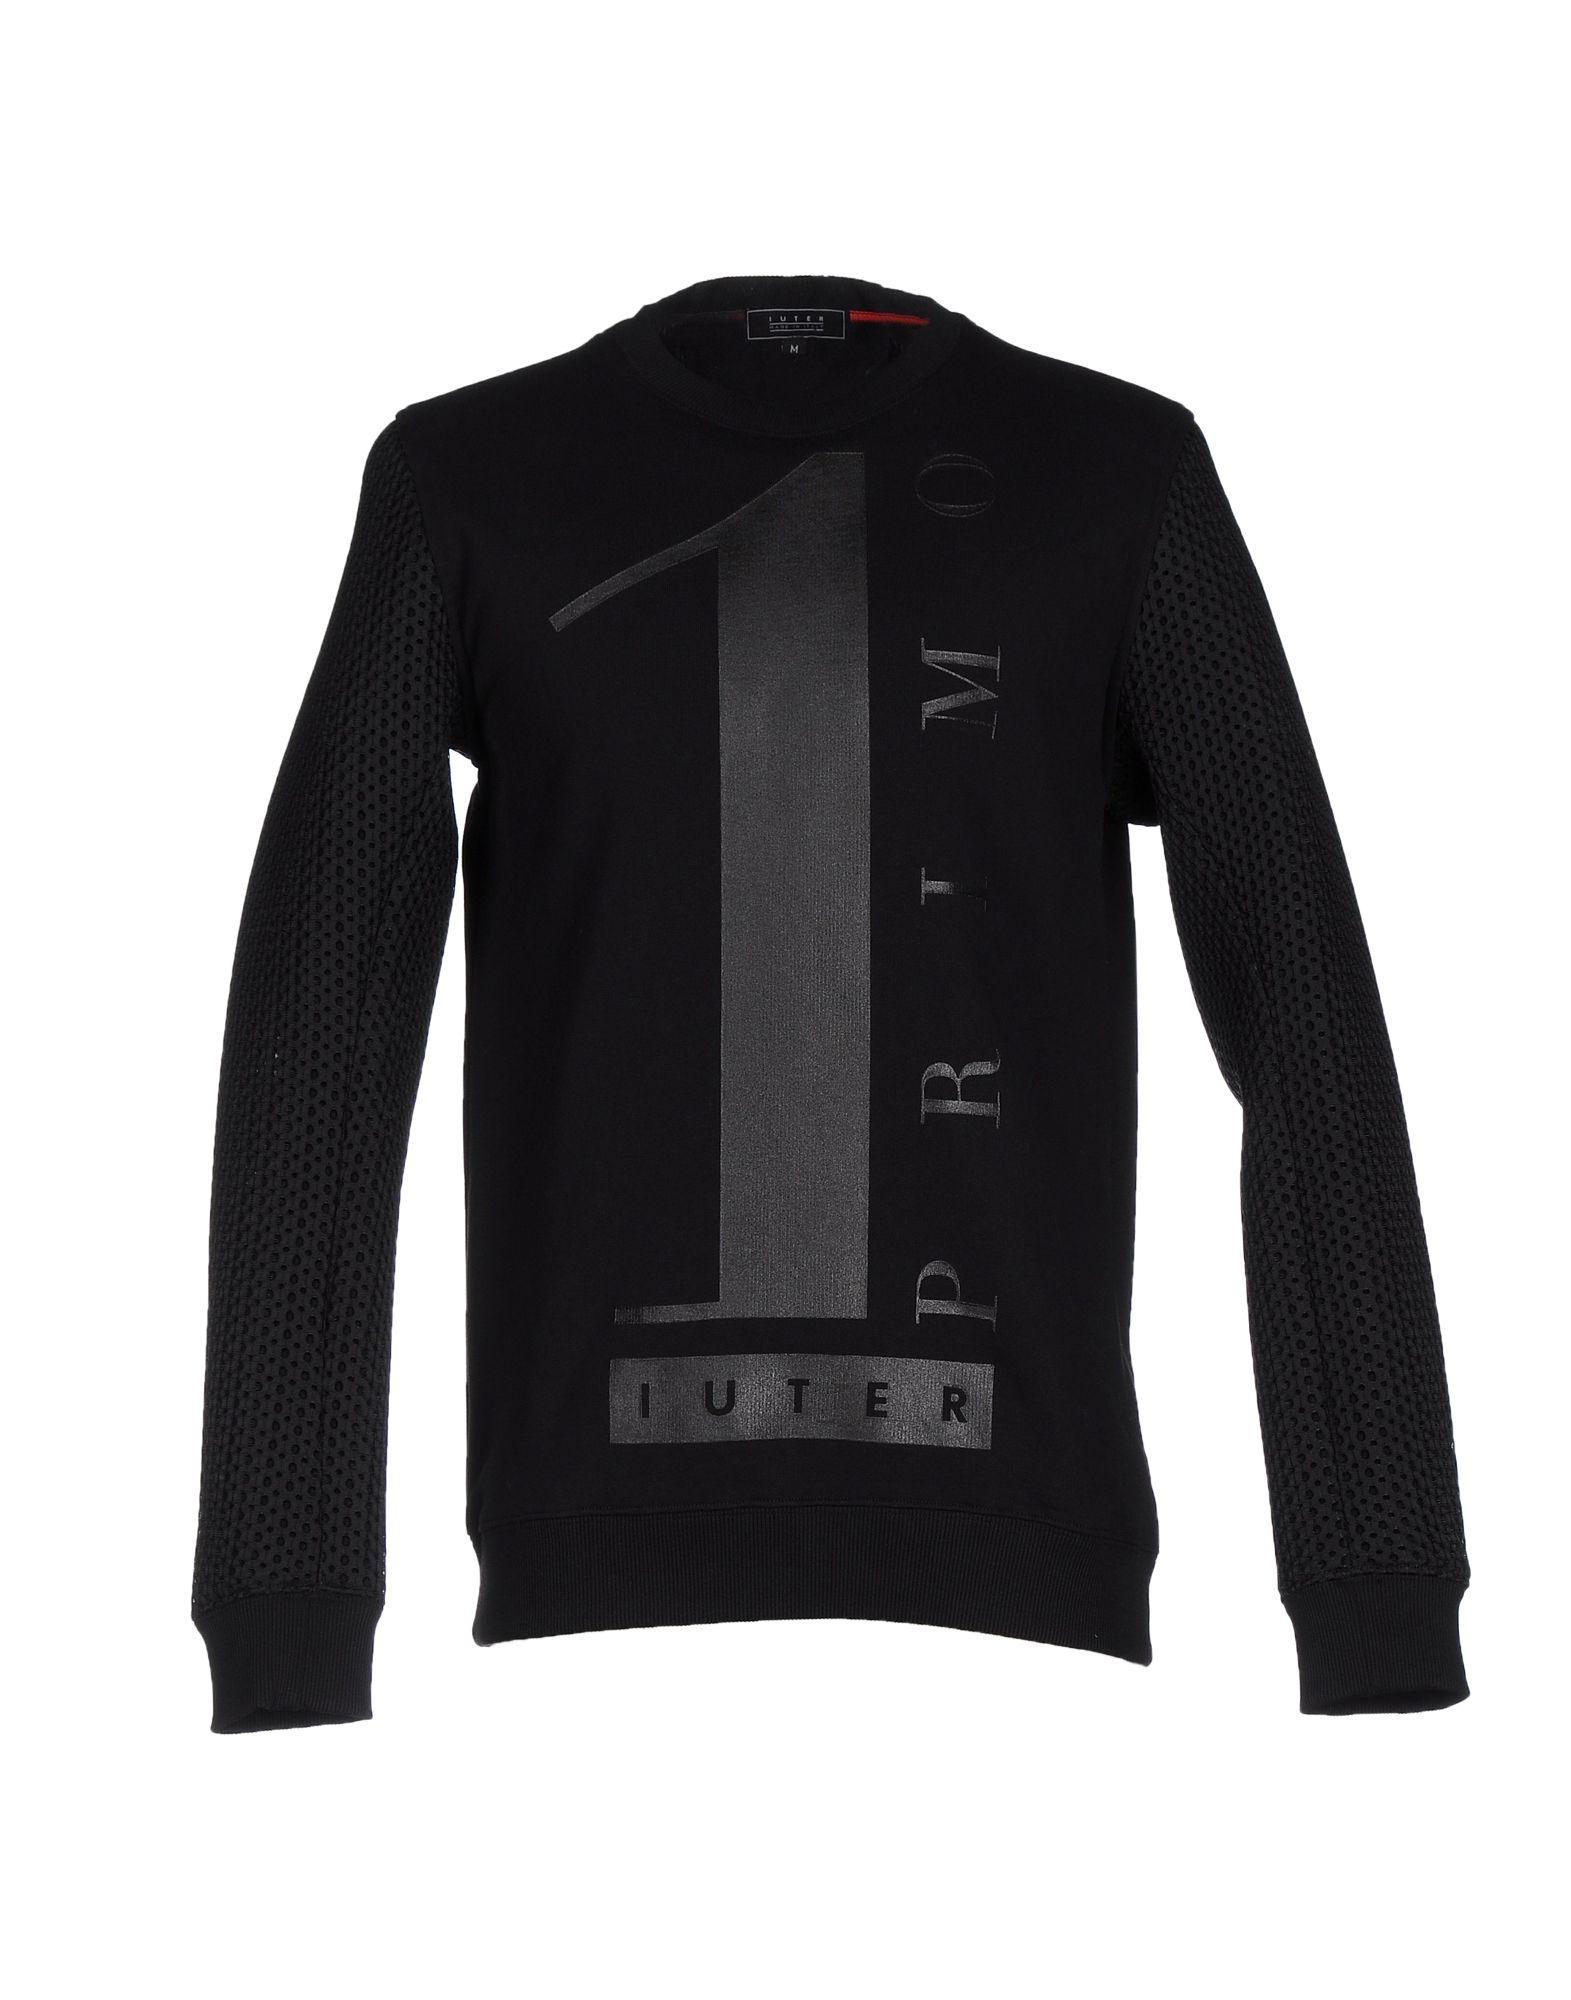 《送料無料》IUTER メンズ スウェットシャツ ブラック XS コットン 100% / ポリエステル